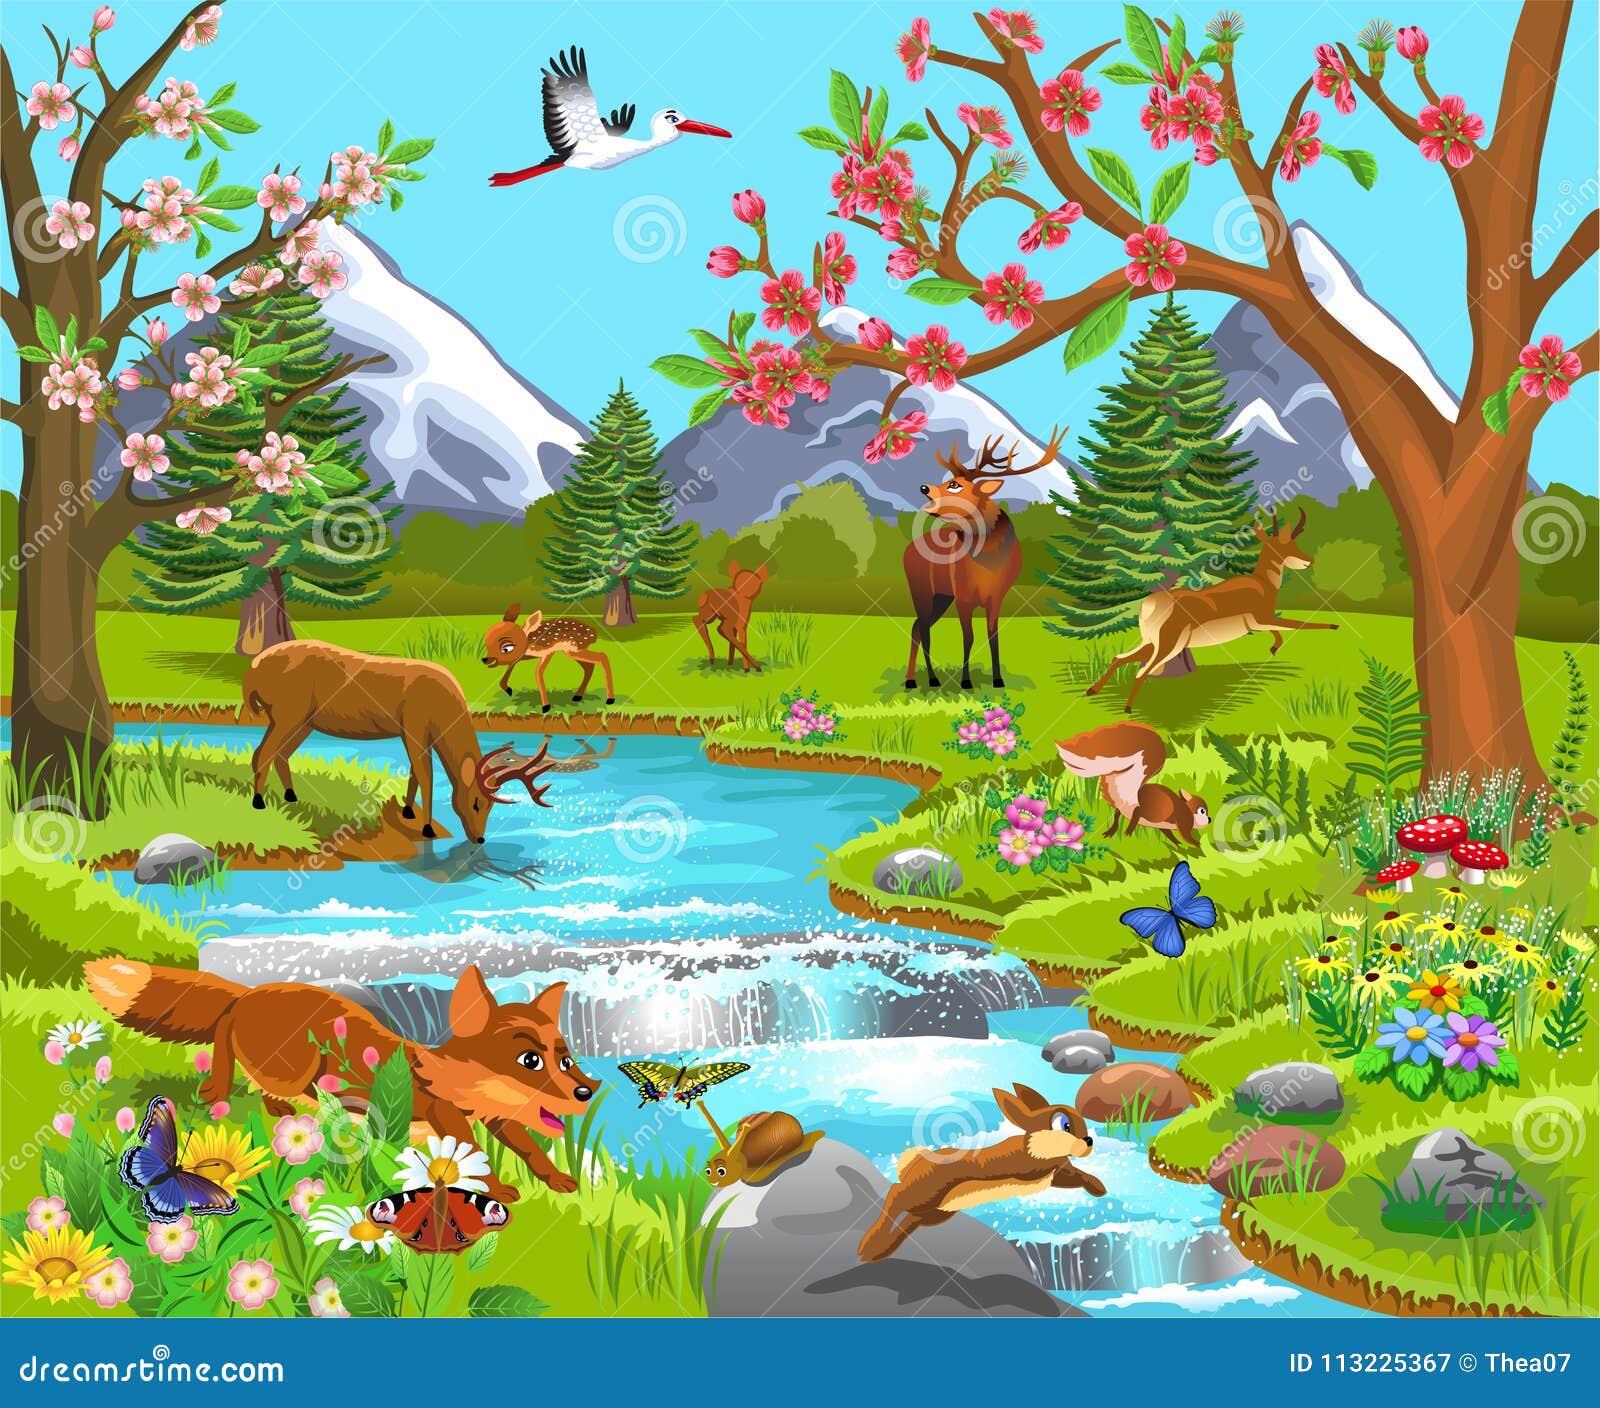 Ilustracao Dos Desenhos Animados De Animais Selvagens Em Uma